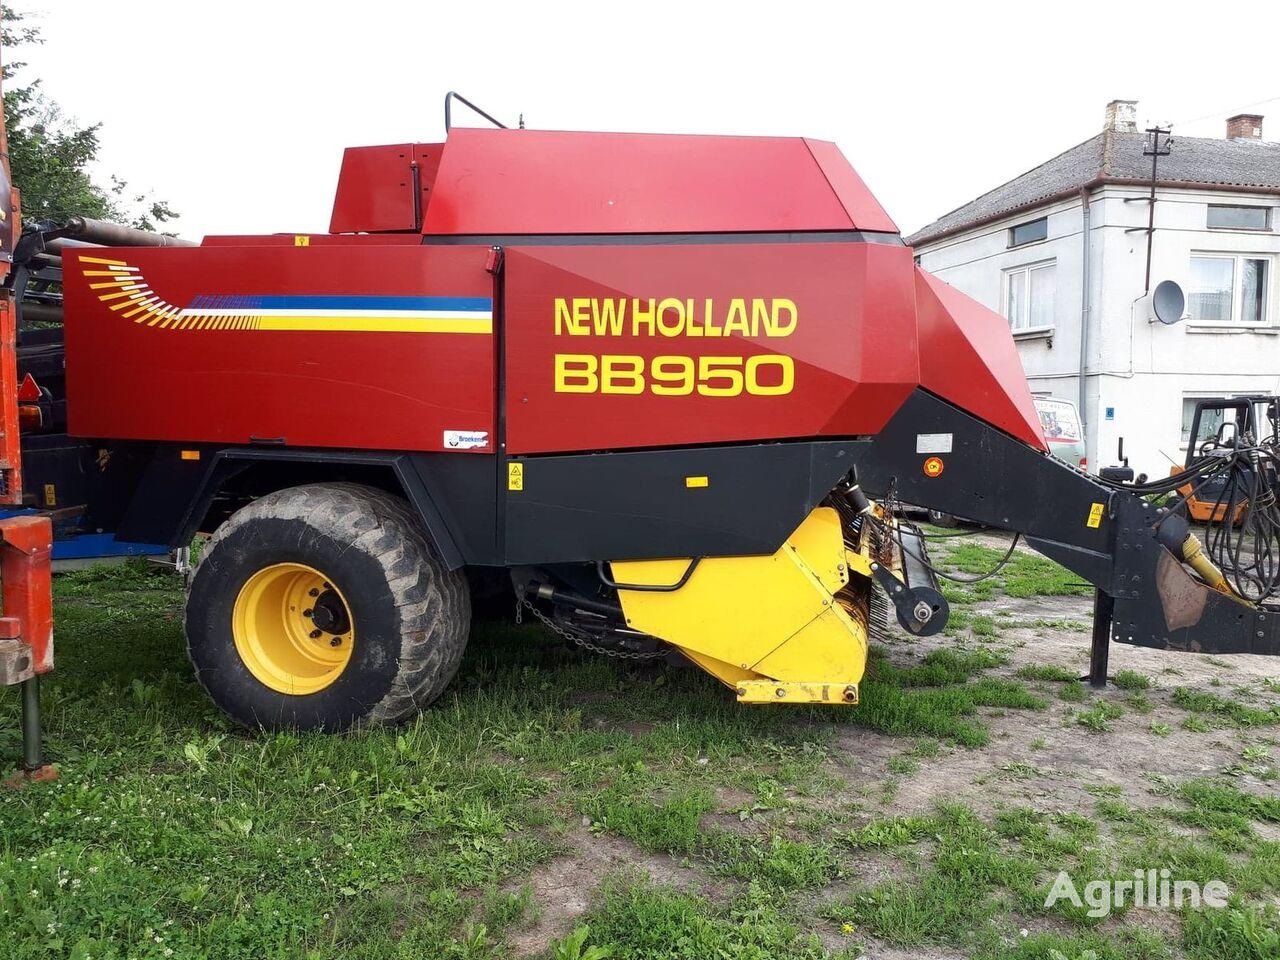 heinapress NEW HOLLAND BB 950 pilnie